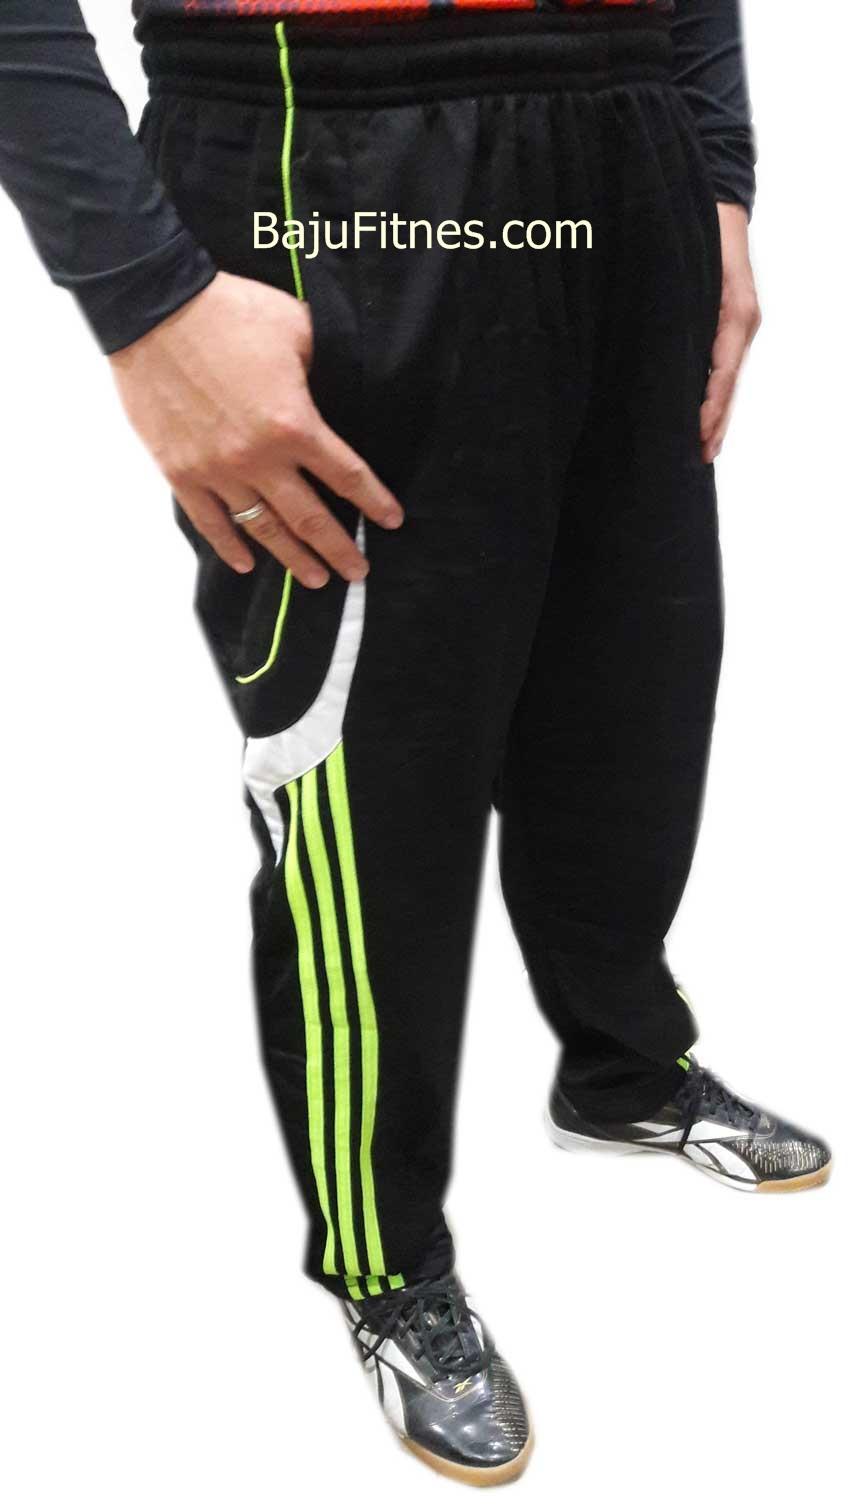 Baju Olahraga Pria Toko Online